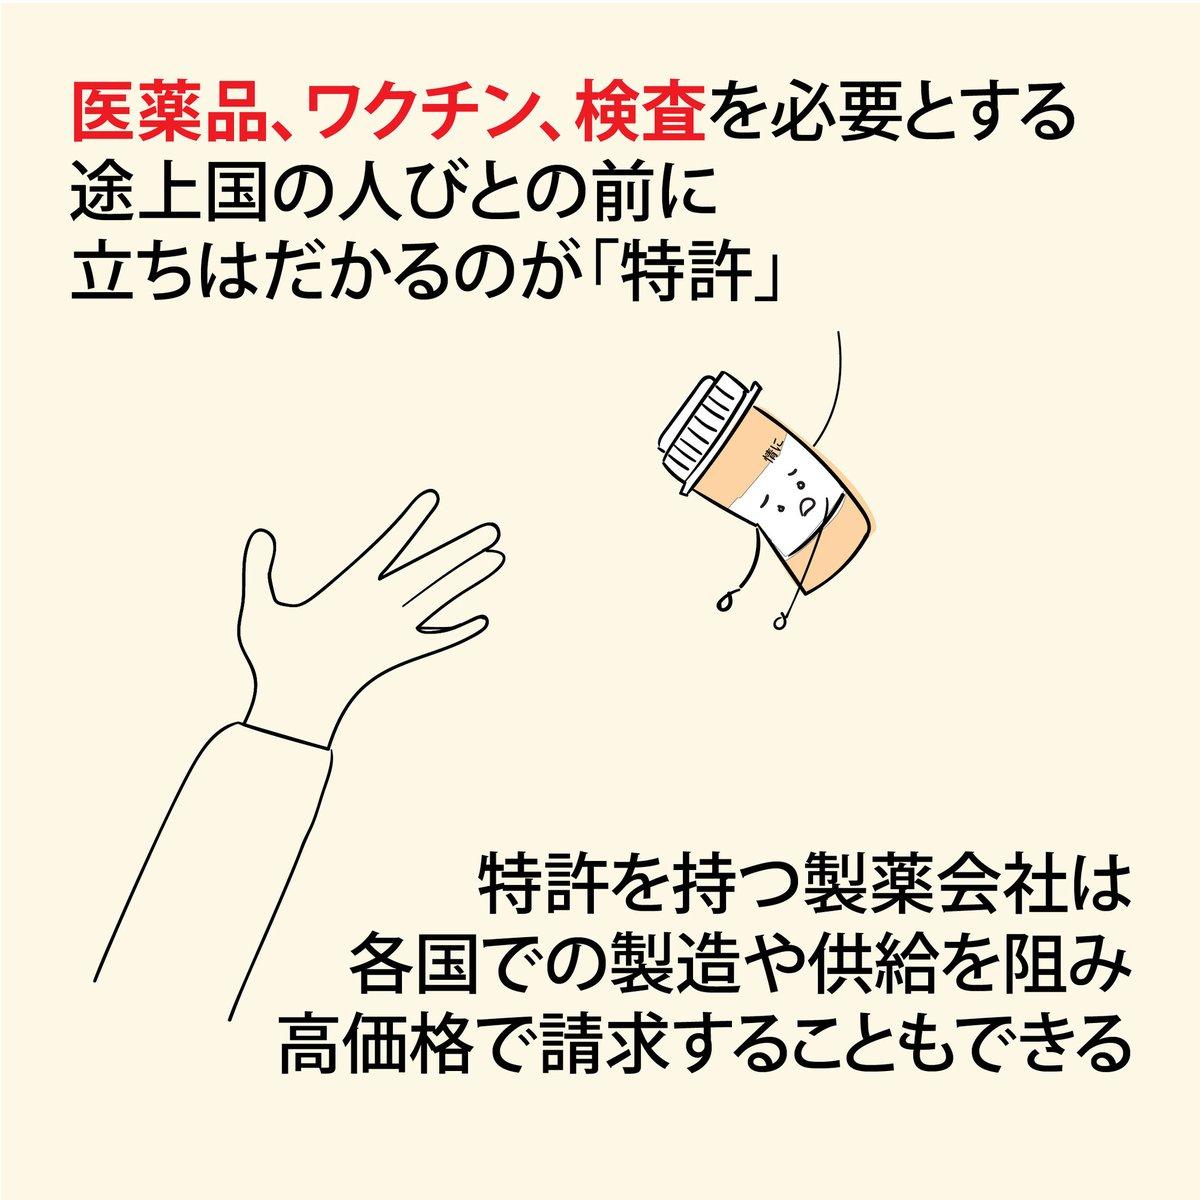 の コロナ 日本 ワクチン 会社 製薬